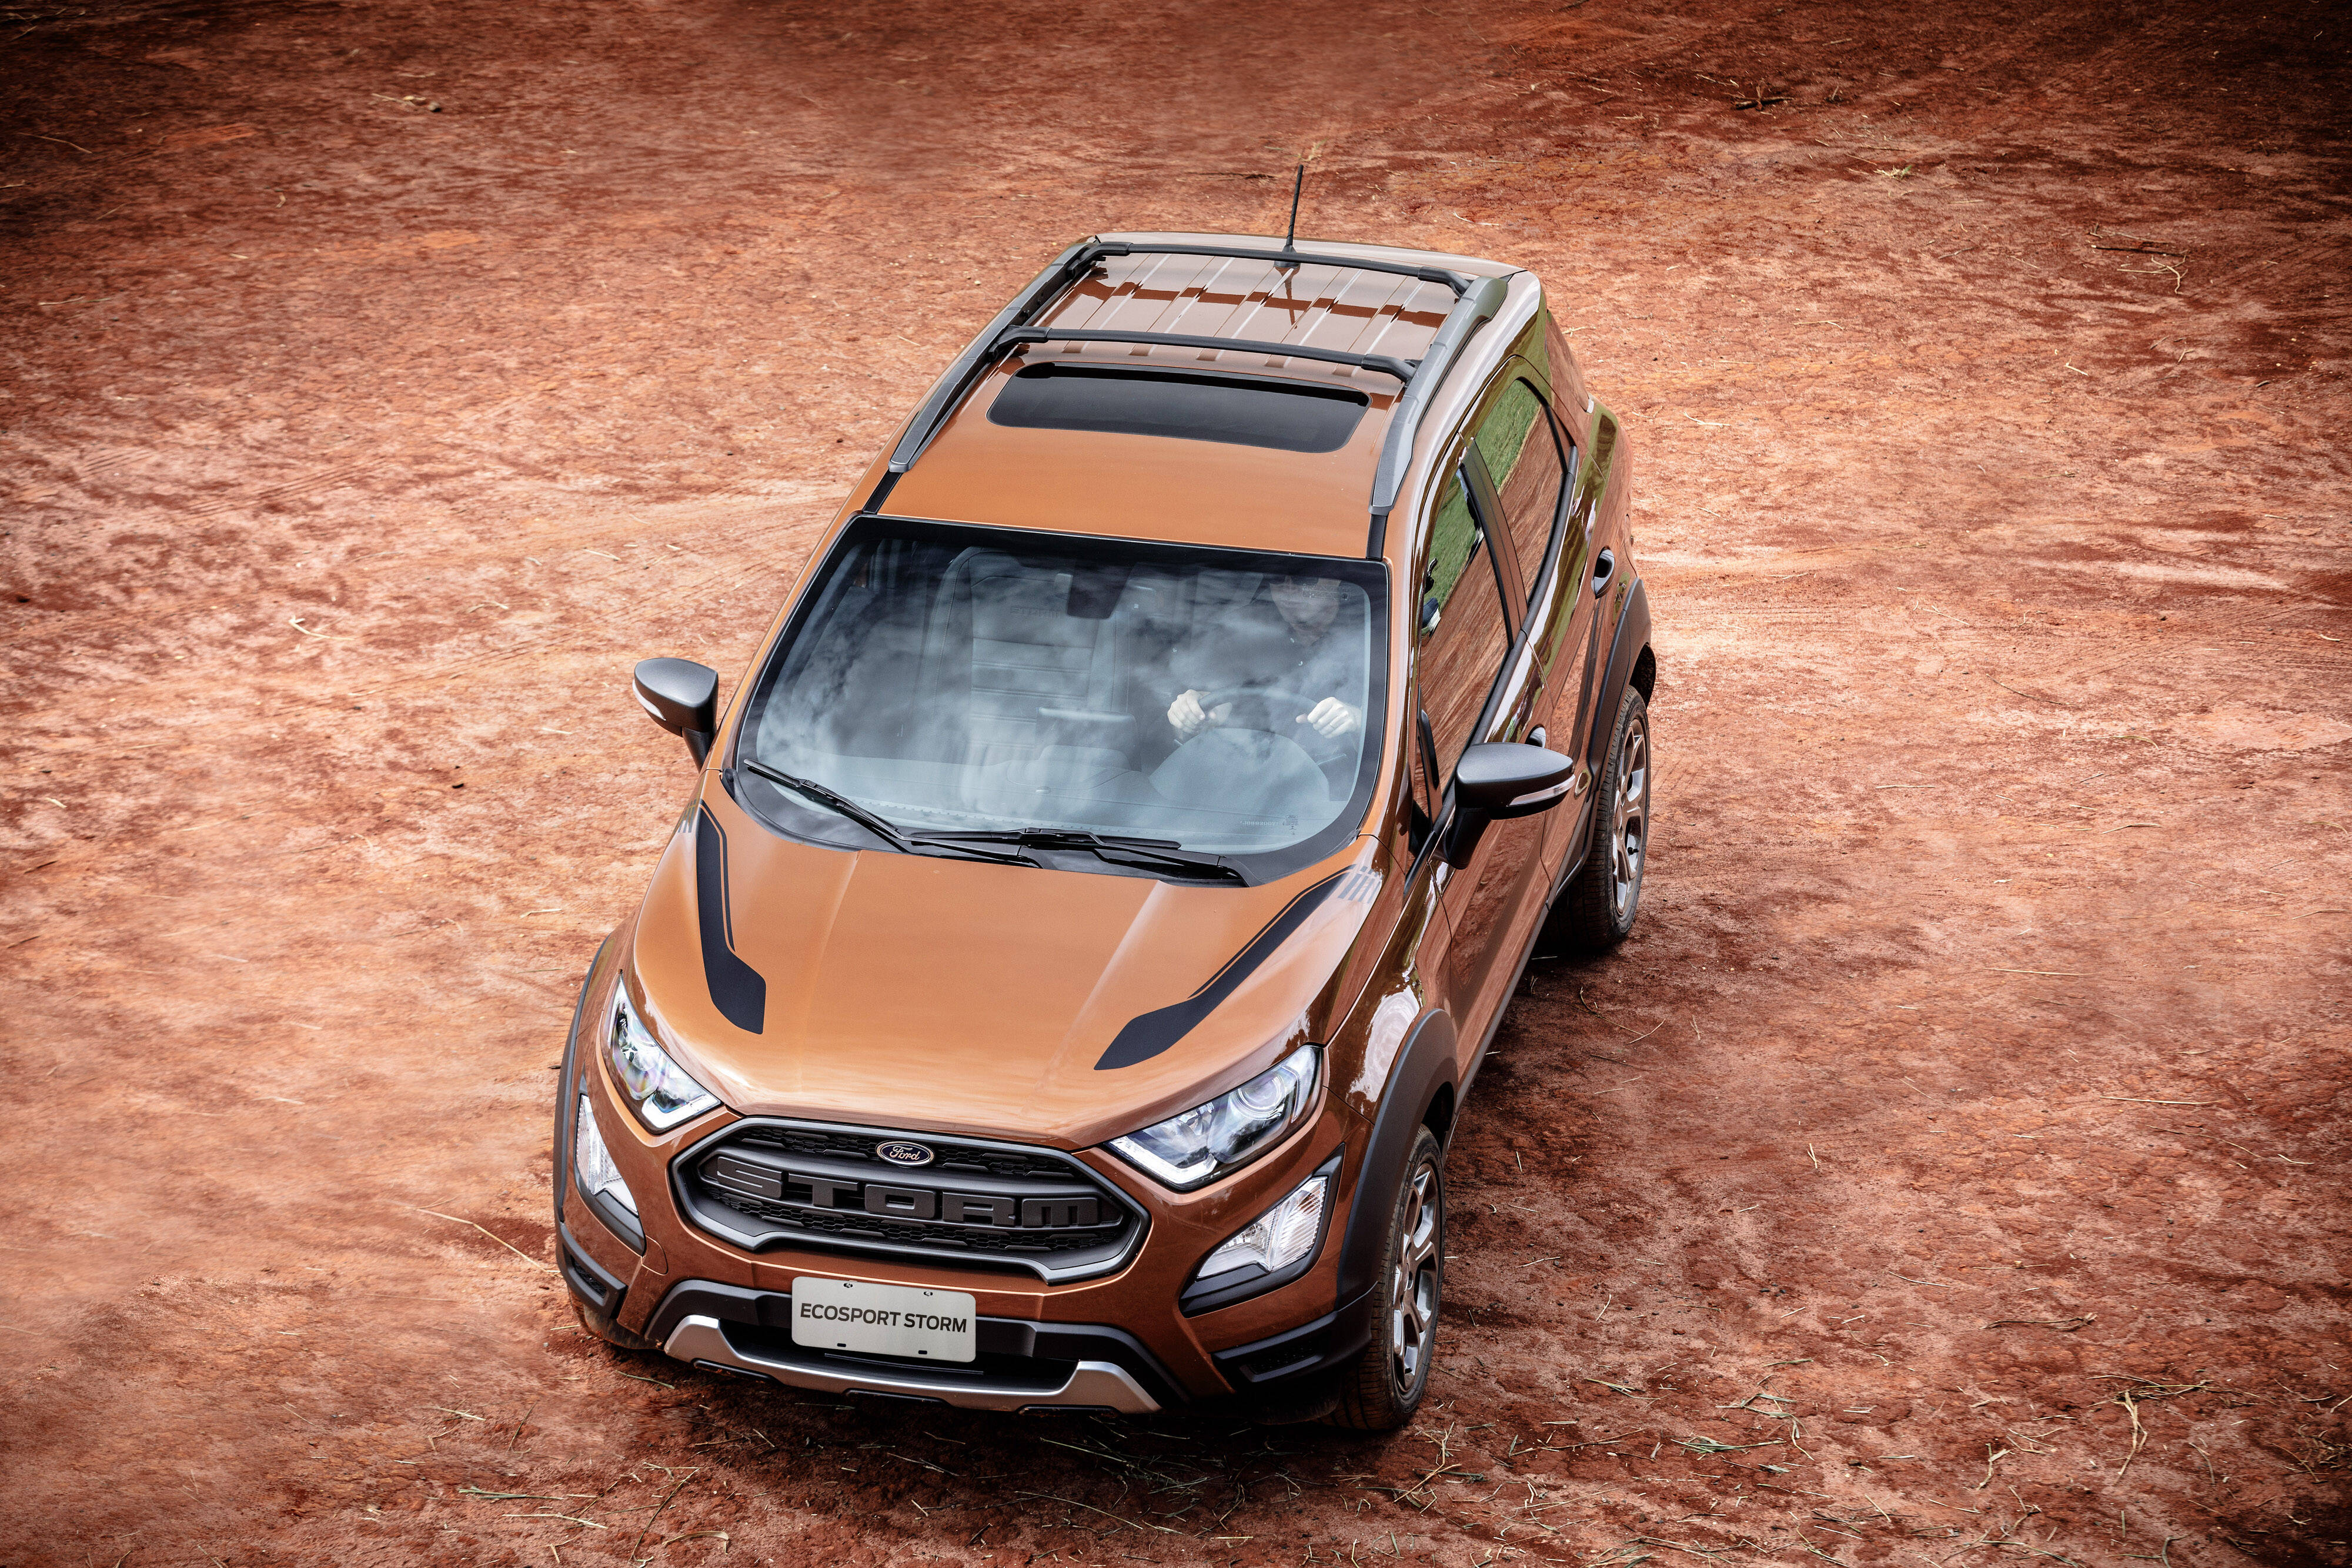 Ford EcoSport Storm. Foto: Divulgação